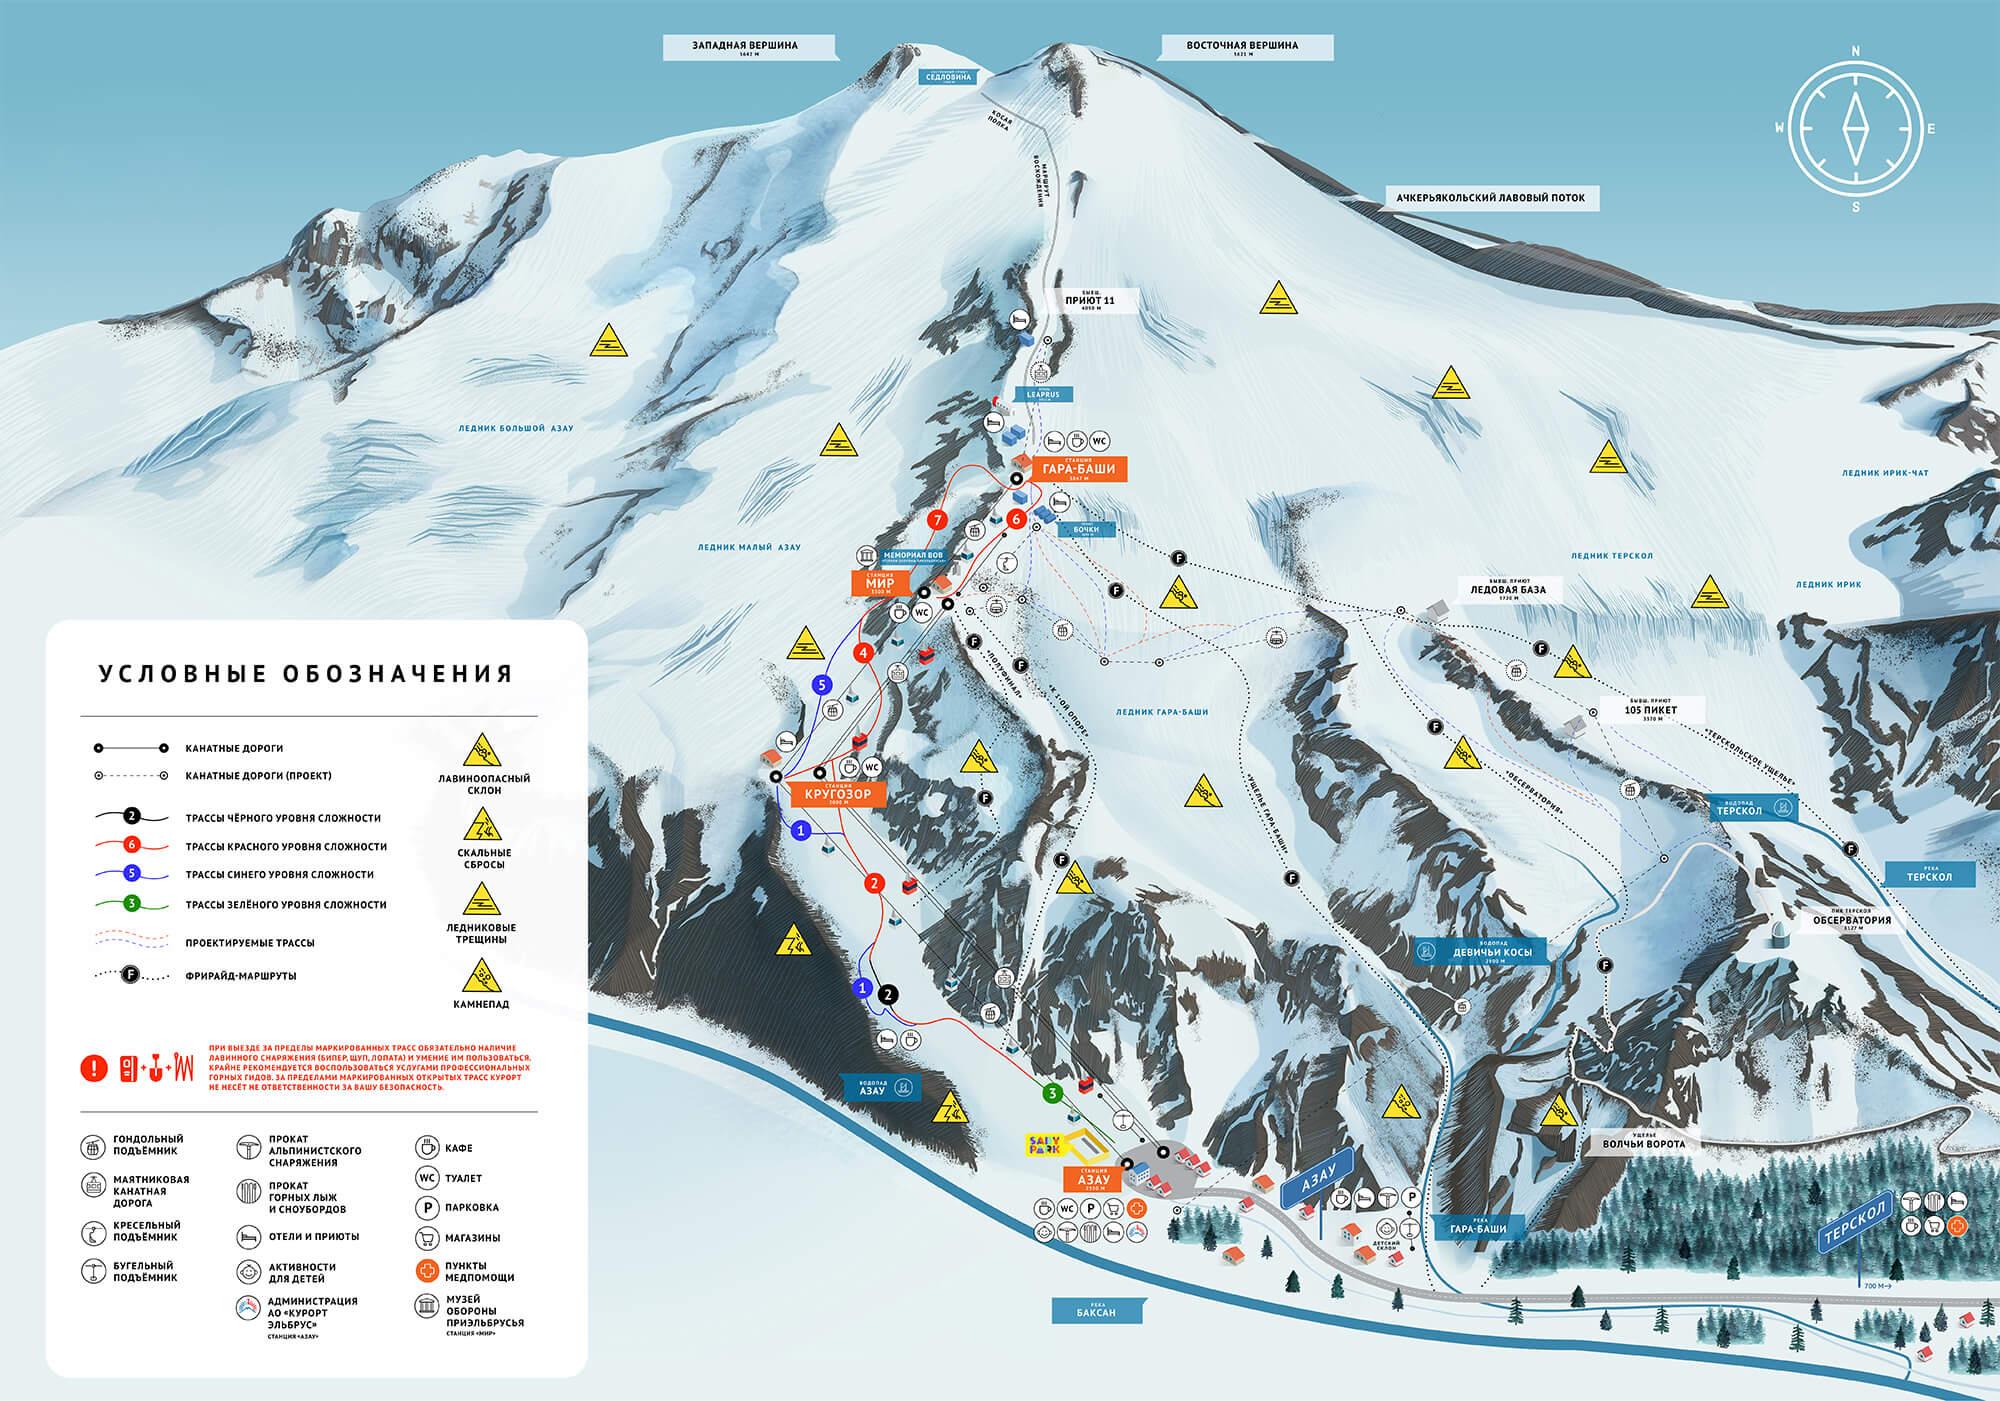 карта эльбрус горнолыжный курорт